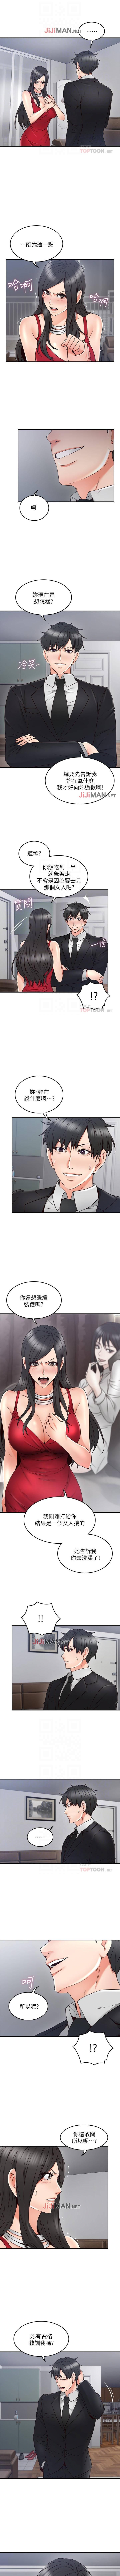 【周六更新】邻居人妻(作者:李周元 & 頸枕) 第1~50话 198